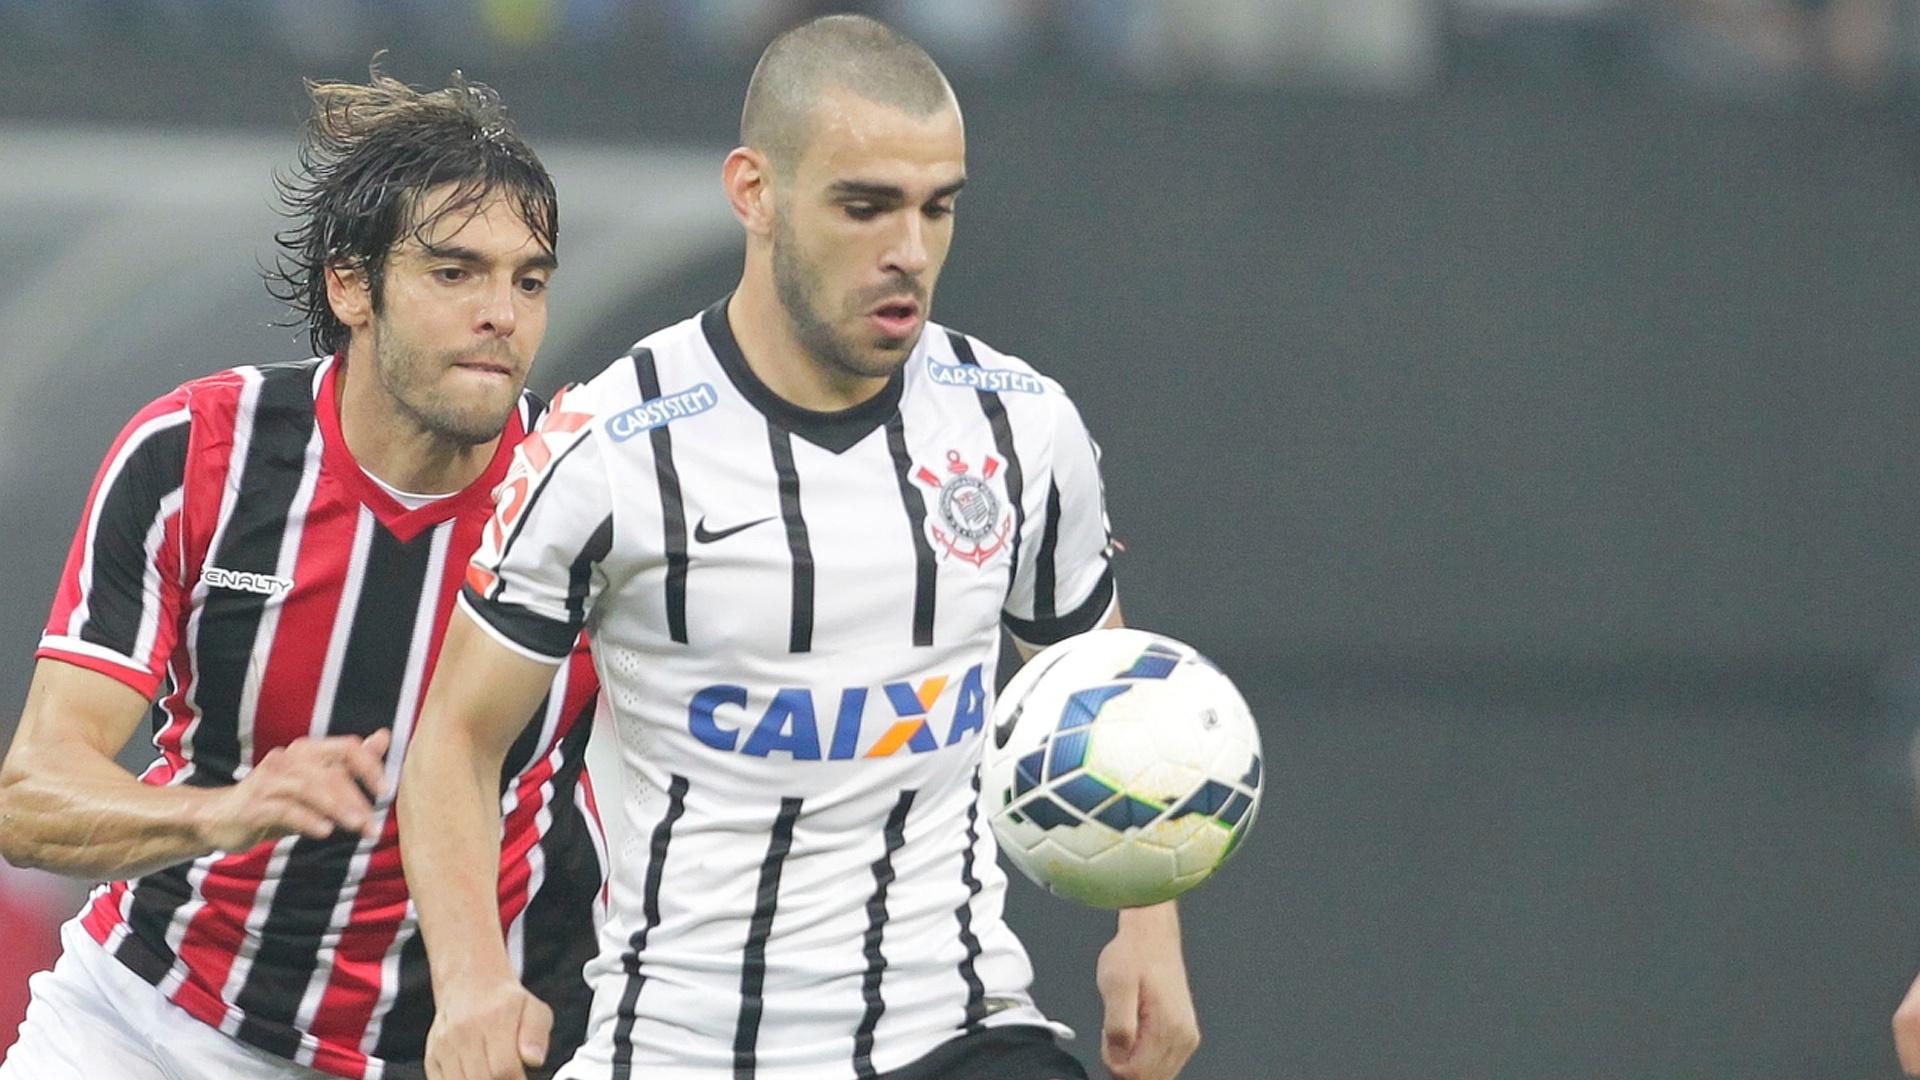 Kaká luta pela bola no clássico entre Corinthians e São Paulo no Itaquerão